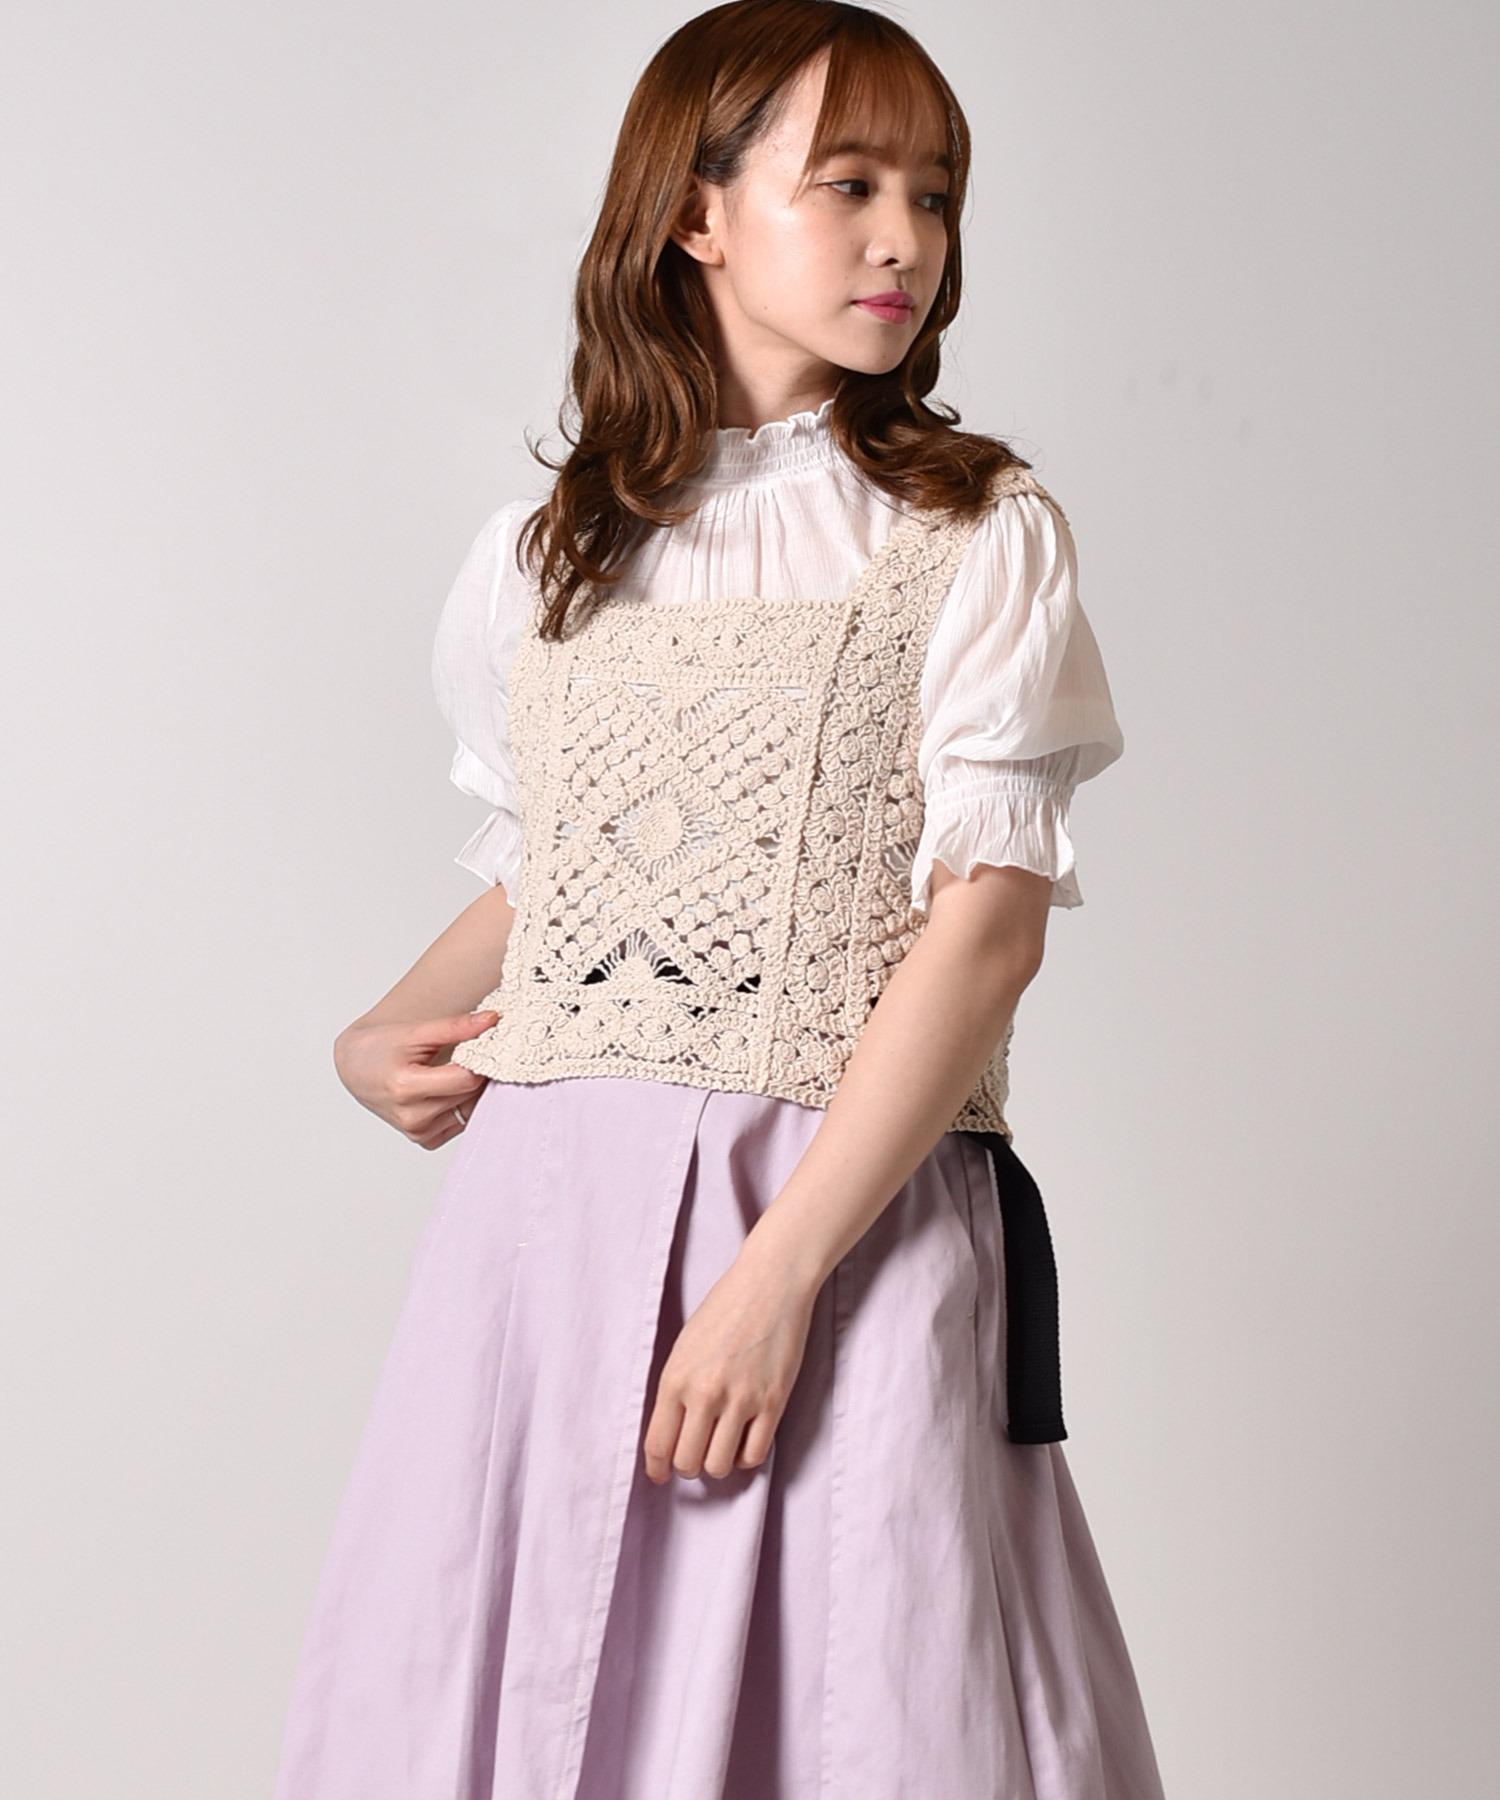 ハイネックブラウス+かぎ編みビスチェ